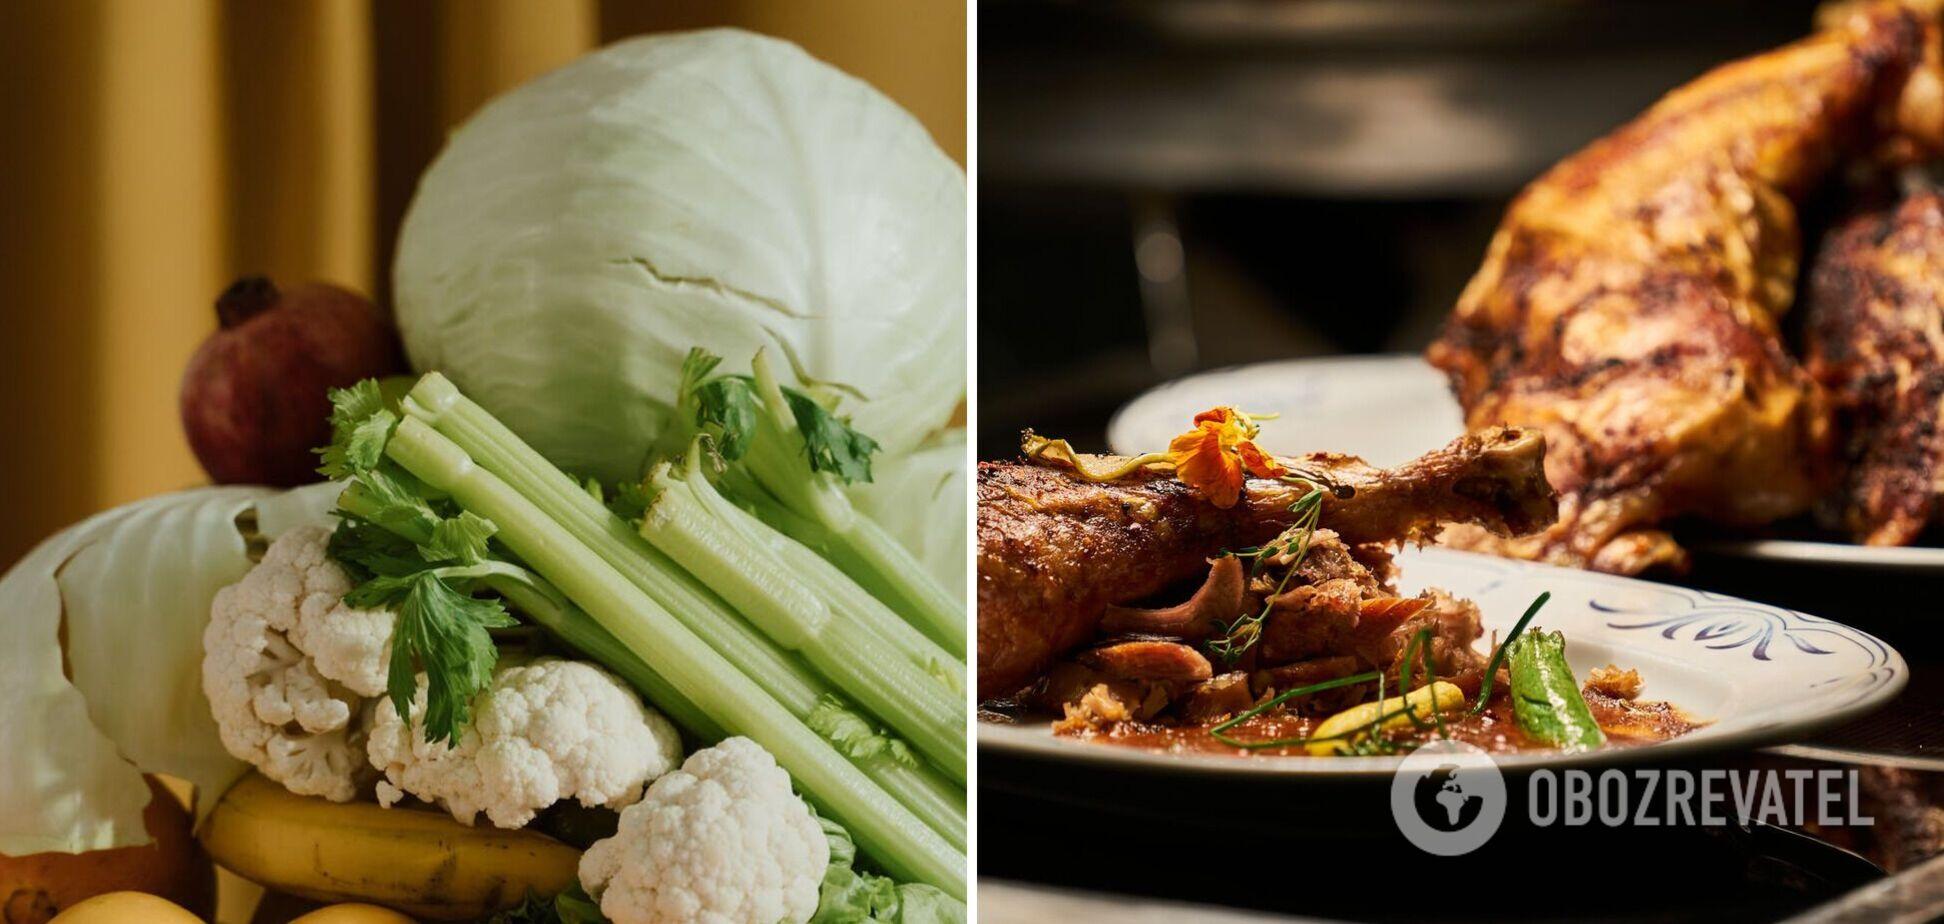 Как приготовить тушеную капусту так, чтобы она не пригорела: быстрый рецепт